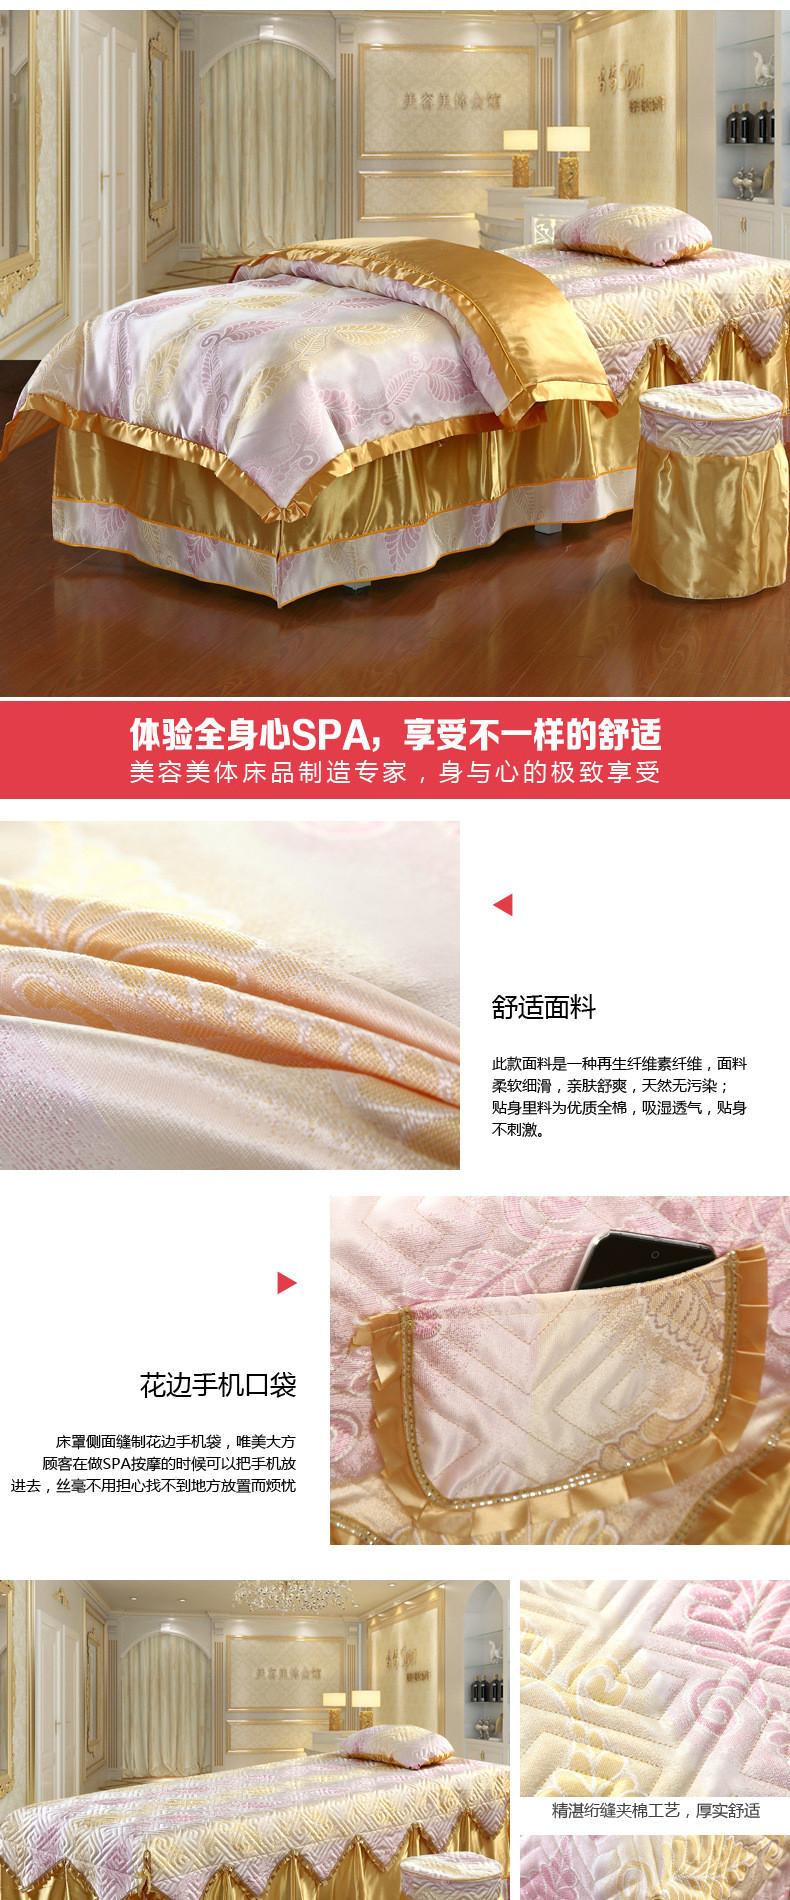 新款包邮高档亲柔棉美容床罩美容美体按摩理疗SPA洗头床罩可定做示例图24